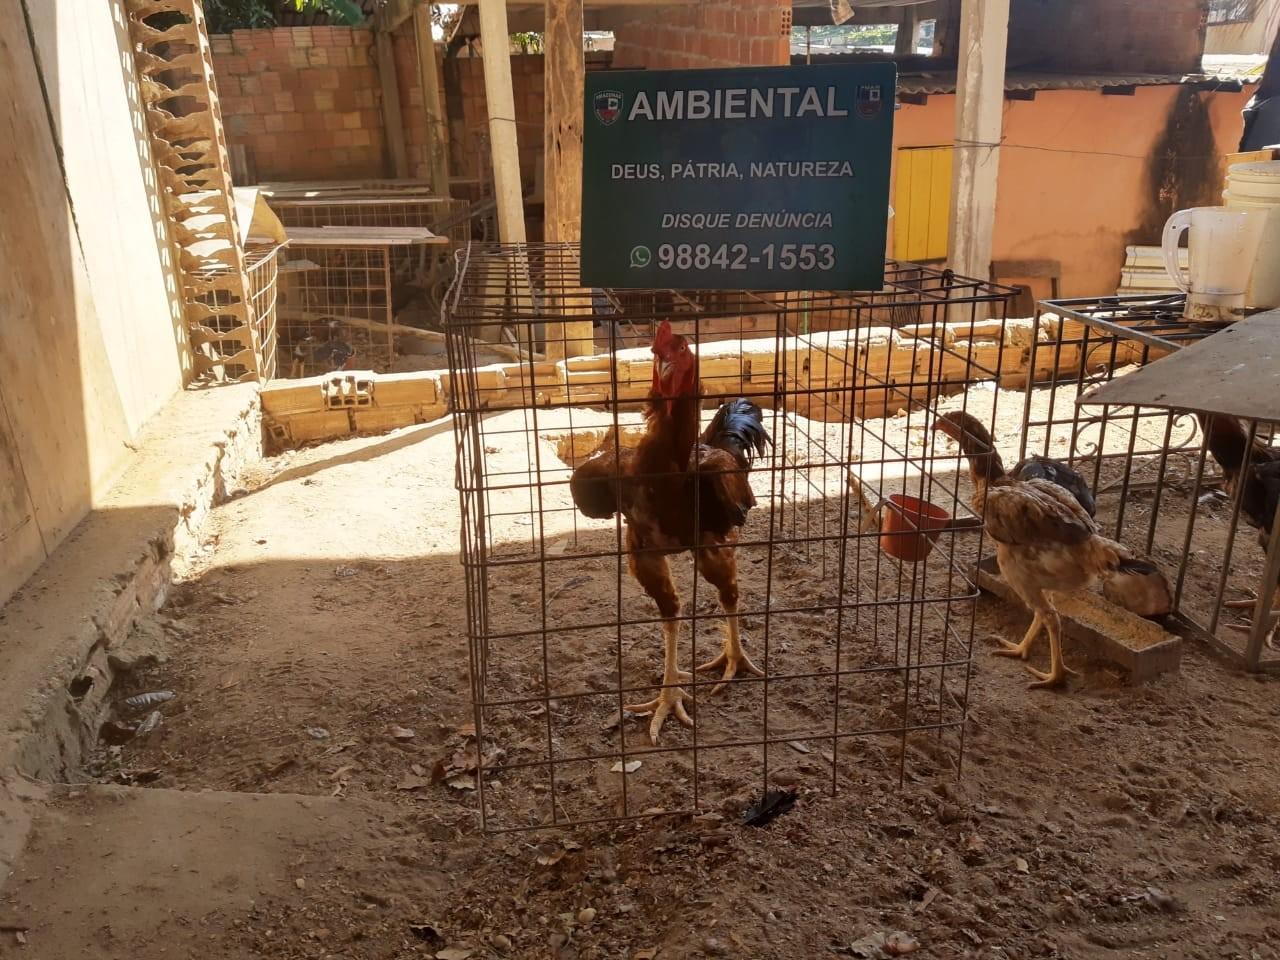 Polícia desmonta rinha de galos e criação ilegal de pássaros silvestres em Manaus; 2 pessoas são detidas